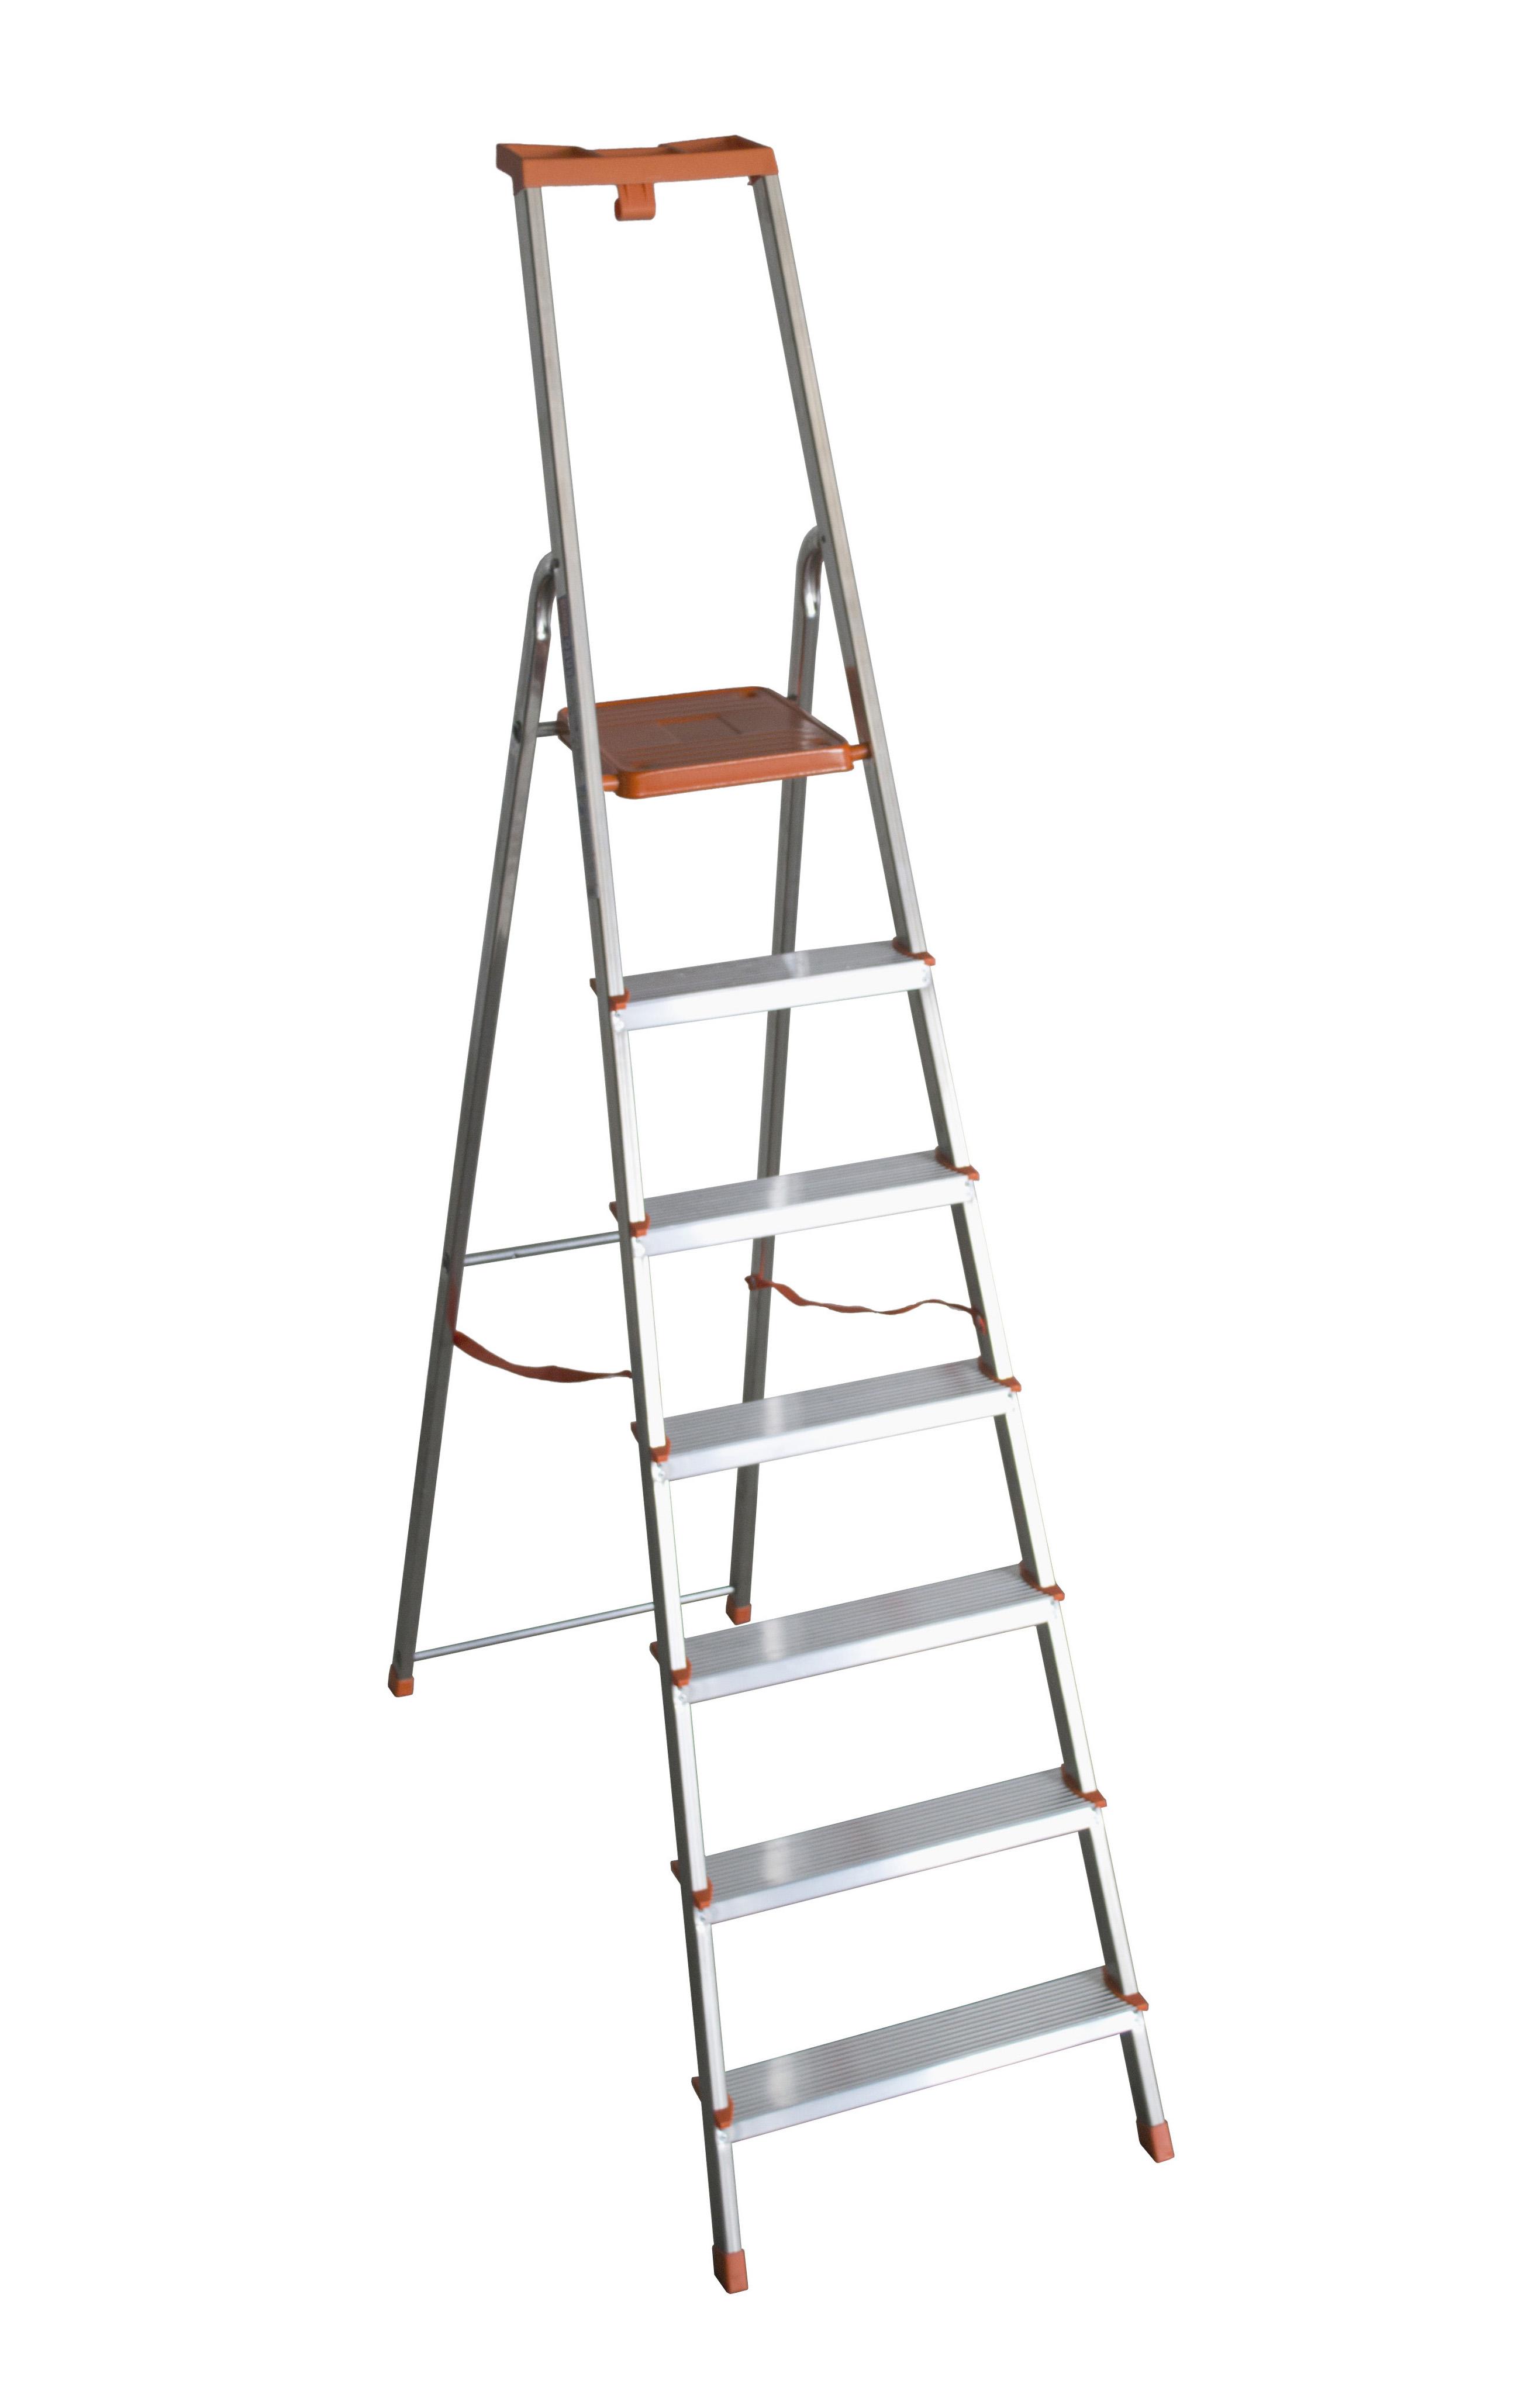 Altezza Gradini Scala scala in alluminio 7 gradini domestica facal eurodomus plus con portaoggeti